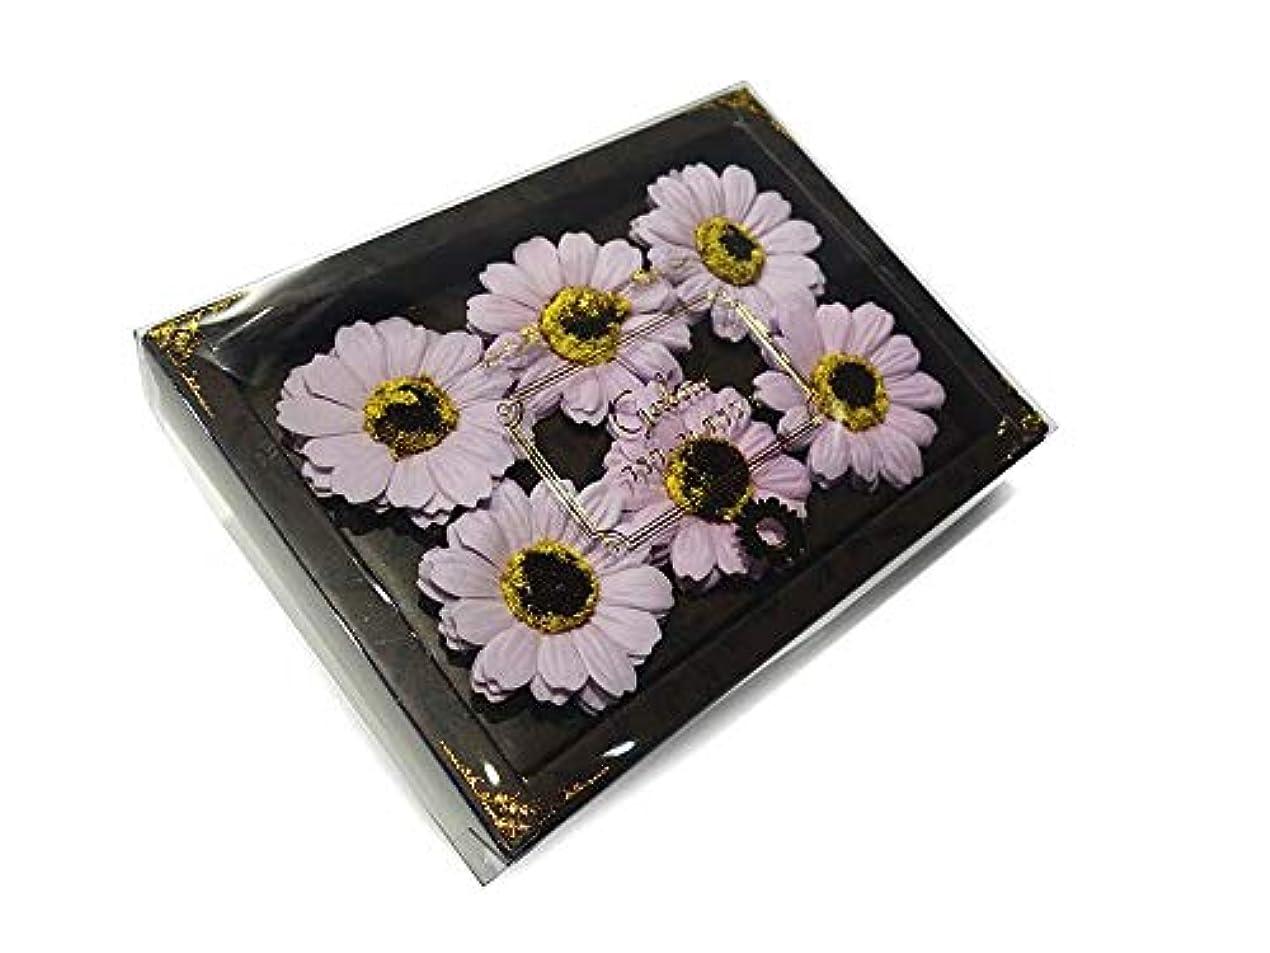 ムスマトロンしたがって花のカタチの入浴剤 ガーベラ バスフレグランス フラワーフレグランス バスフラワー (ライトパープル)